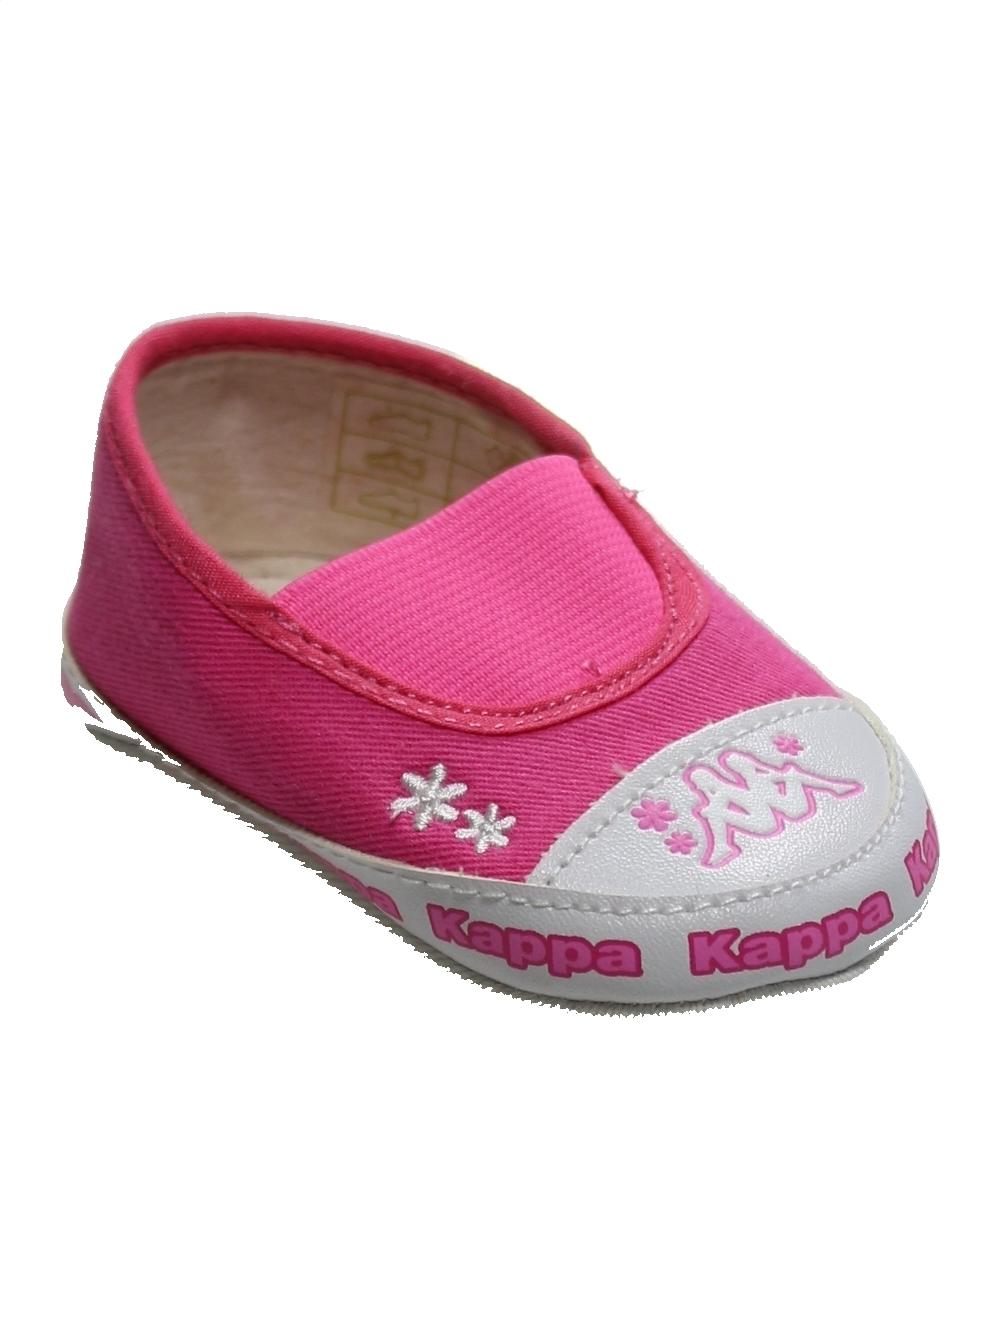 Chaussures bébé Fille KAPPA 3 mois pas cher, 7.63 € #1138834